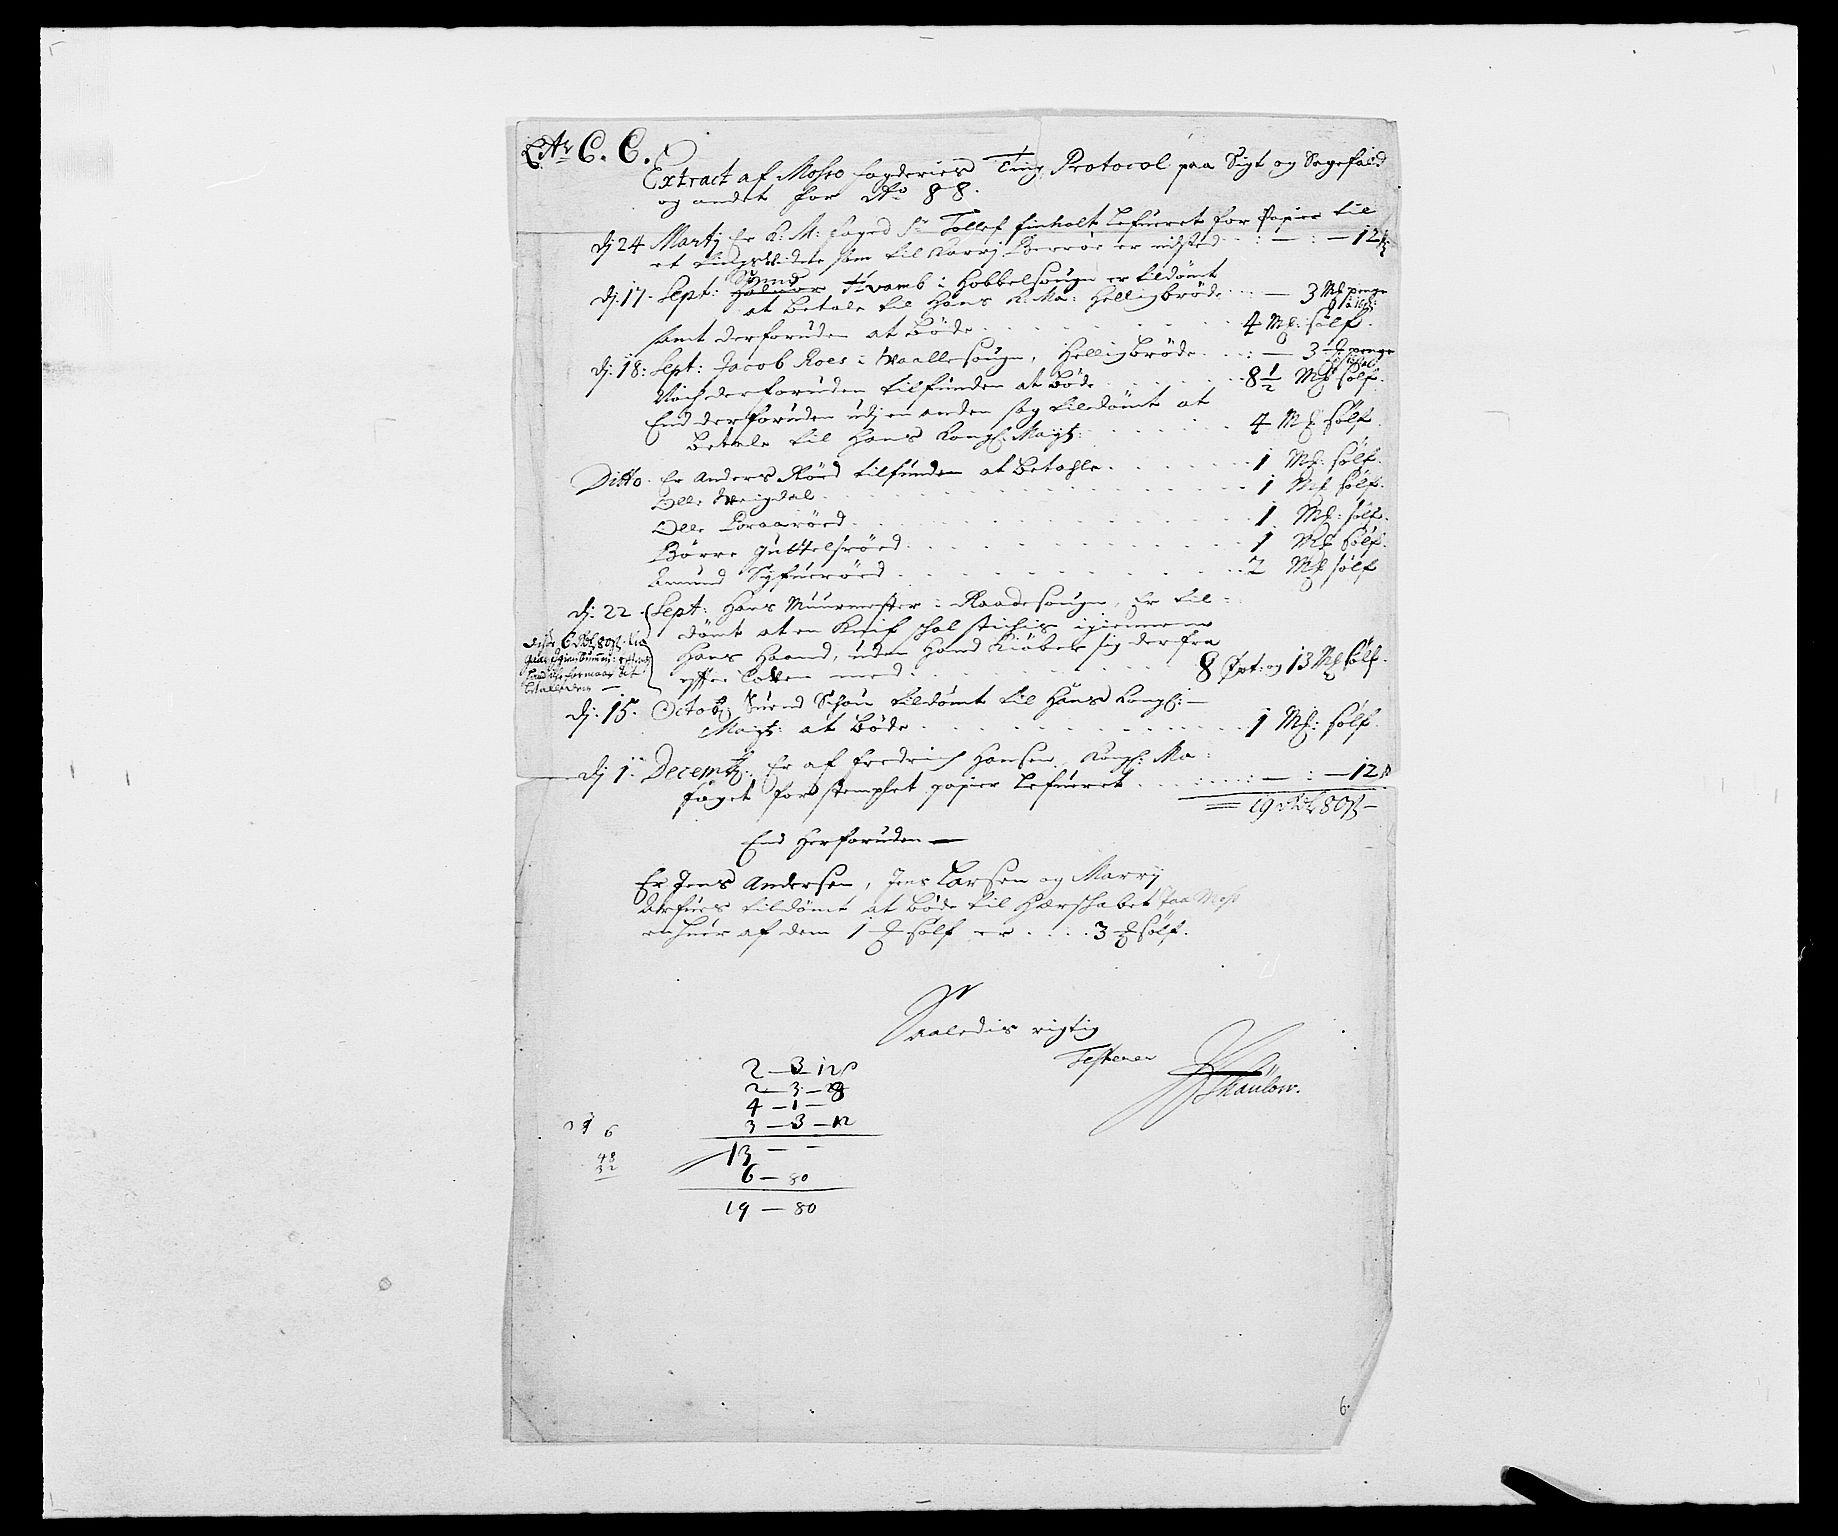 RA, Rentekammeret inntil 1814, Reviderte regnskaper, Fogderegnskap, R02/L0106: Fogderegnskap Moss og Verne kloster, 1688-1691, s. 58